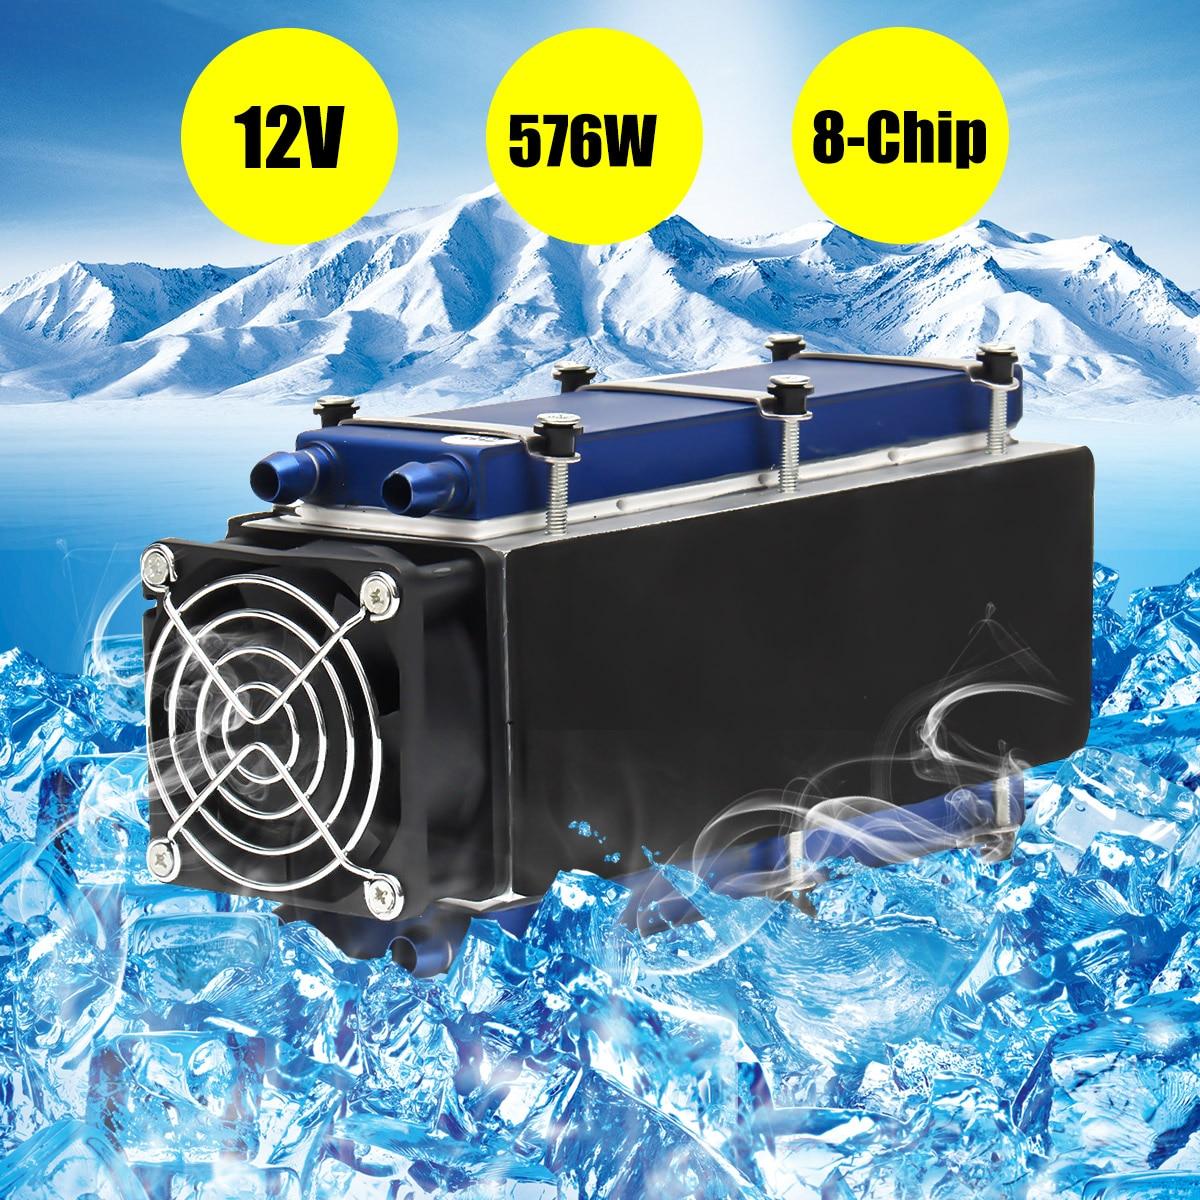 TEC-12706 DIY Электронный полупроводниковое охлаждение радиатор для установка для кондиционирования воздуха термоэлектрическая система охлажд...